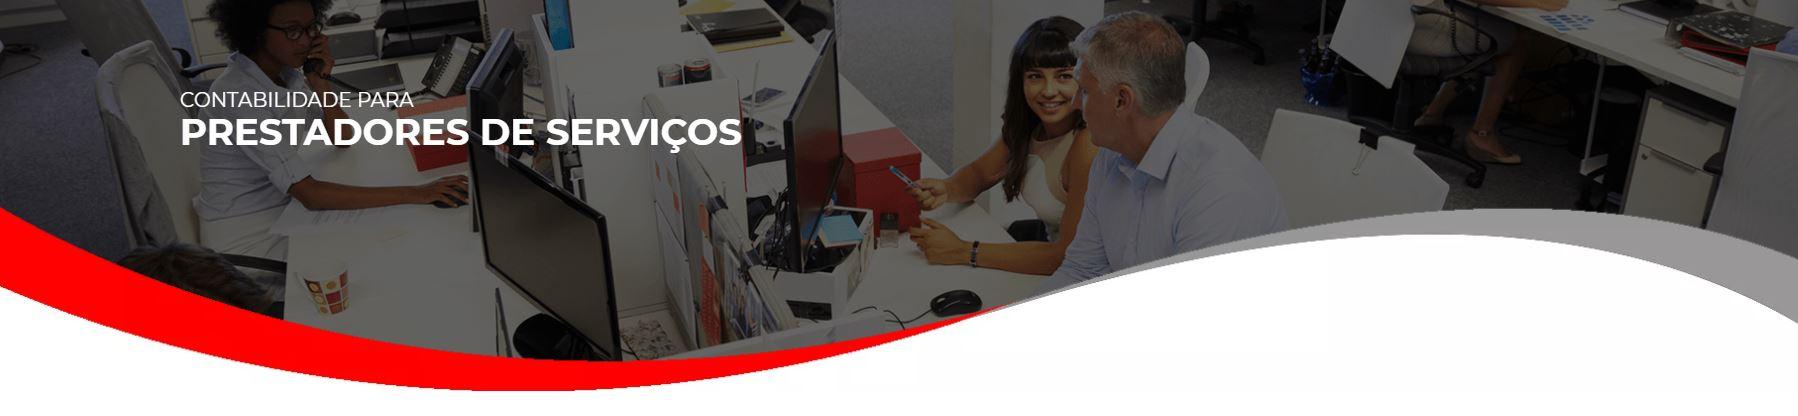 Prestadora De Servicos - Contabilidade em São Paulo | Decisiva Assessoria e Consultória Contábil